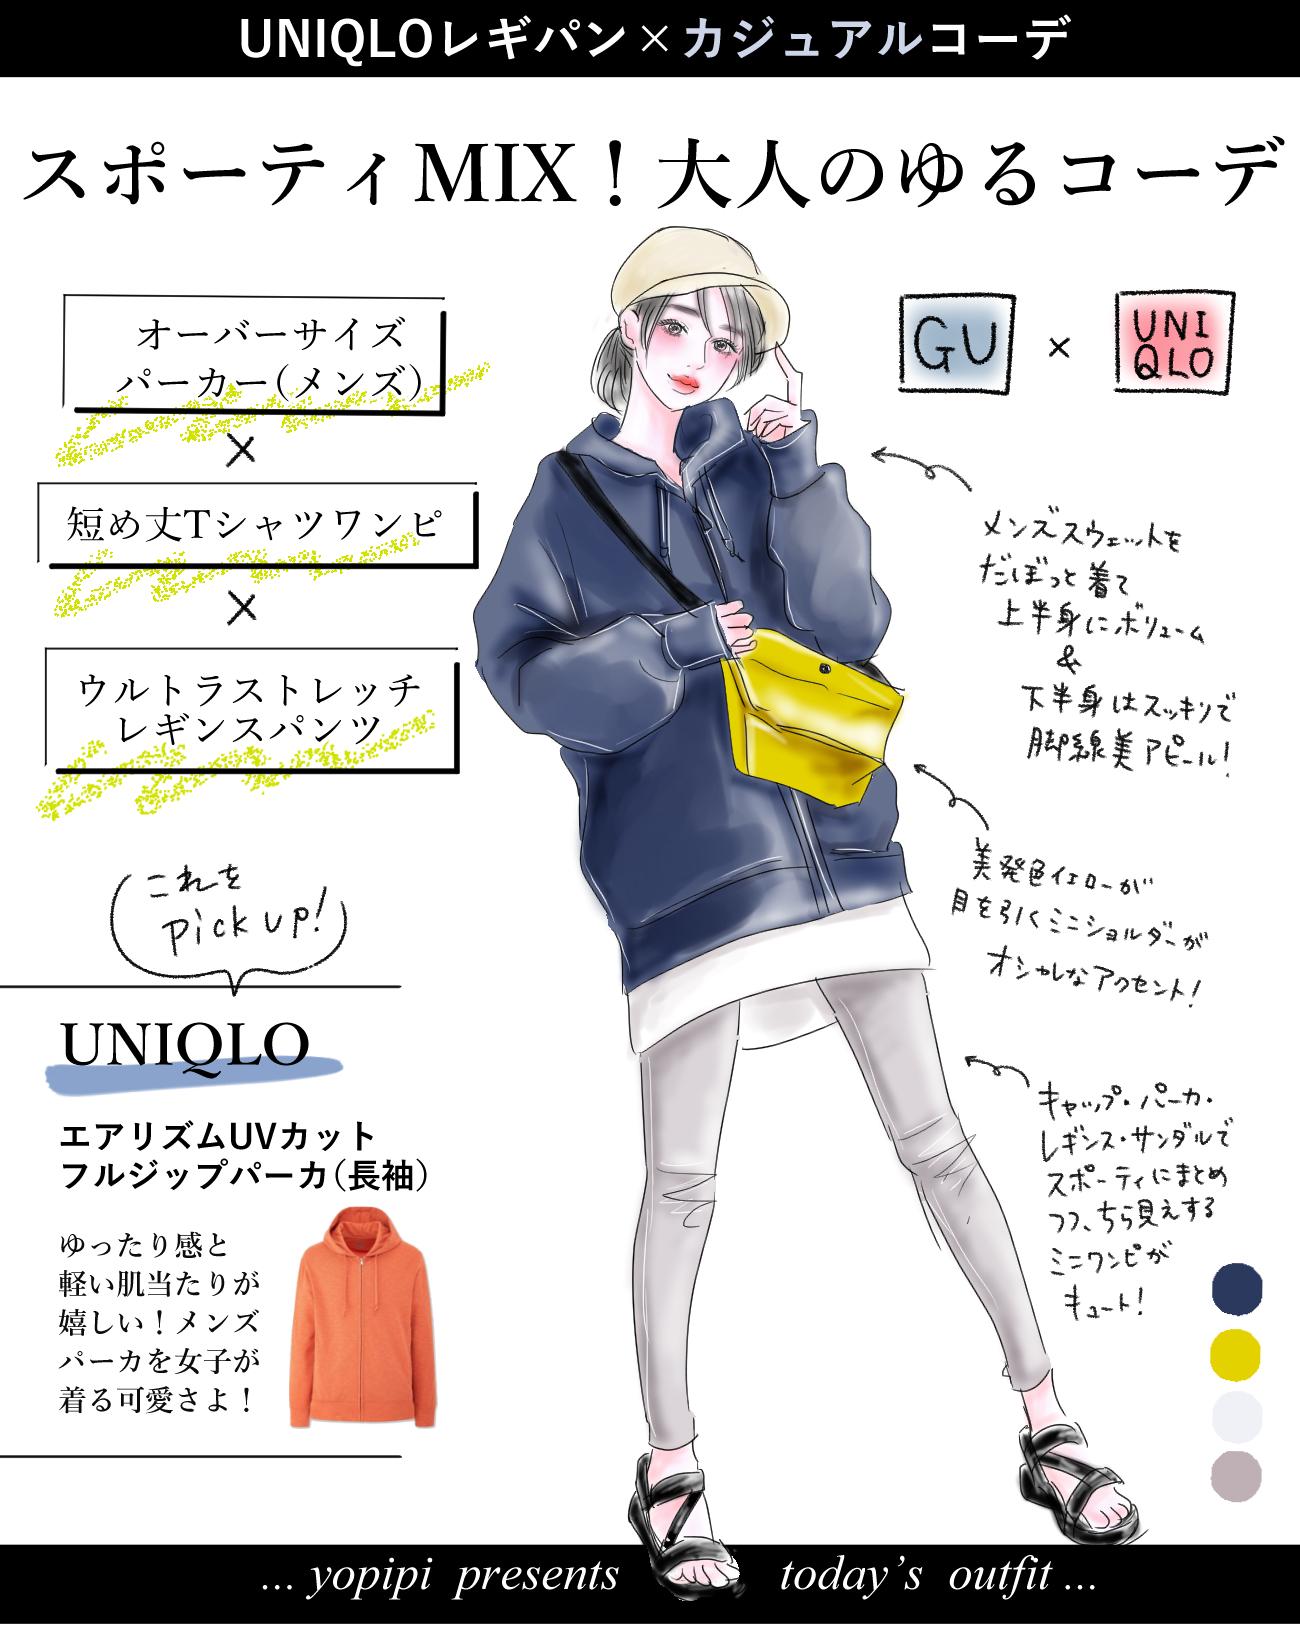 【UNIQLOのレギパン】今買って即戦力!おうちコーデ&お出かけコーデ、マルチに使える圧倒的コスパのアイテムはコレ♡